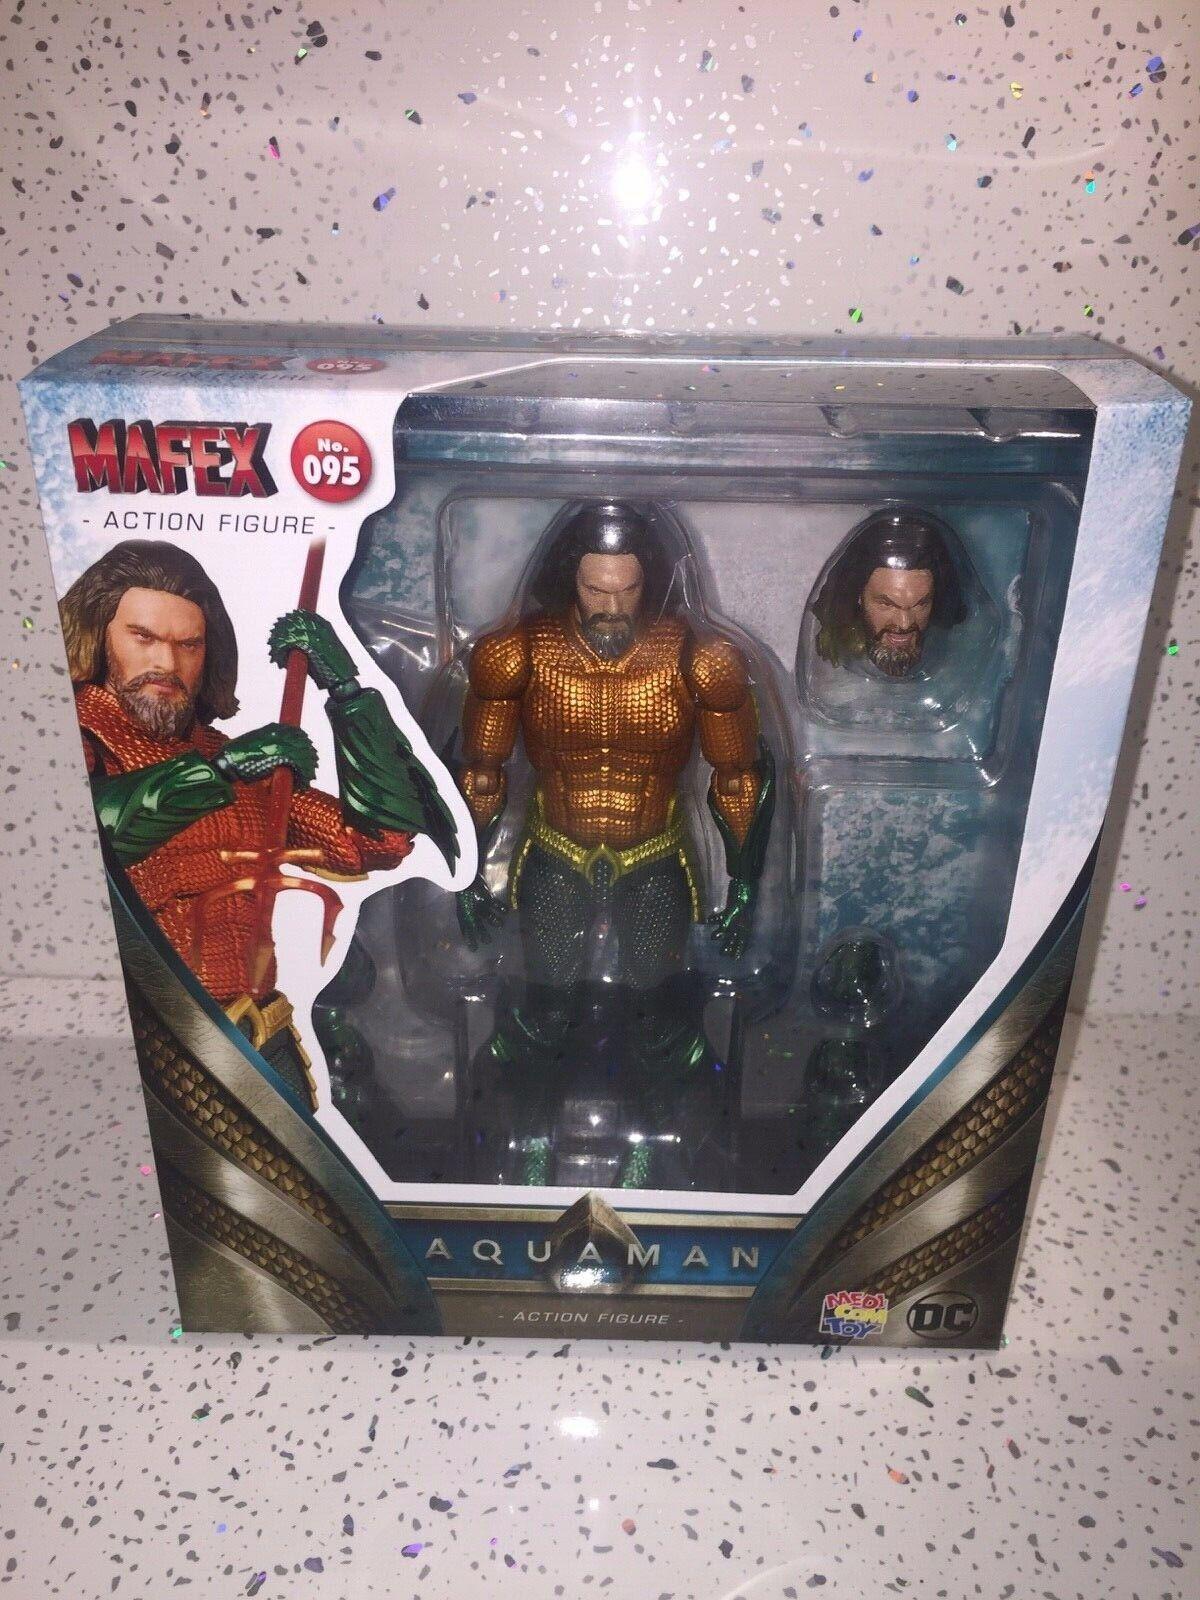 Aquaman MAFEX No.09 Action Figure